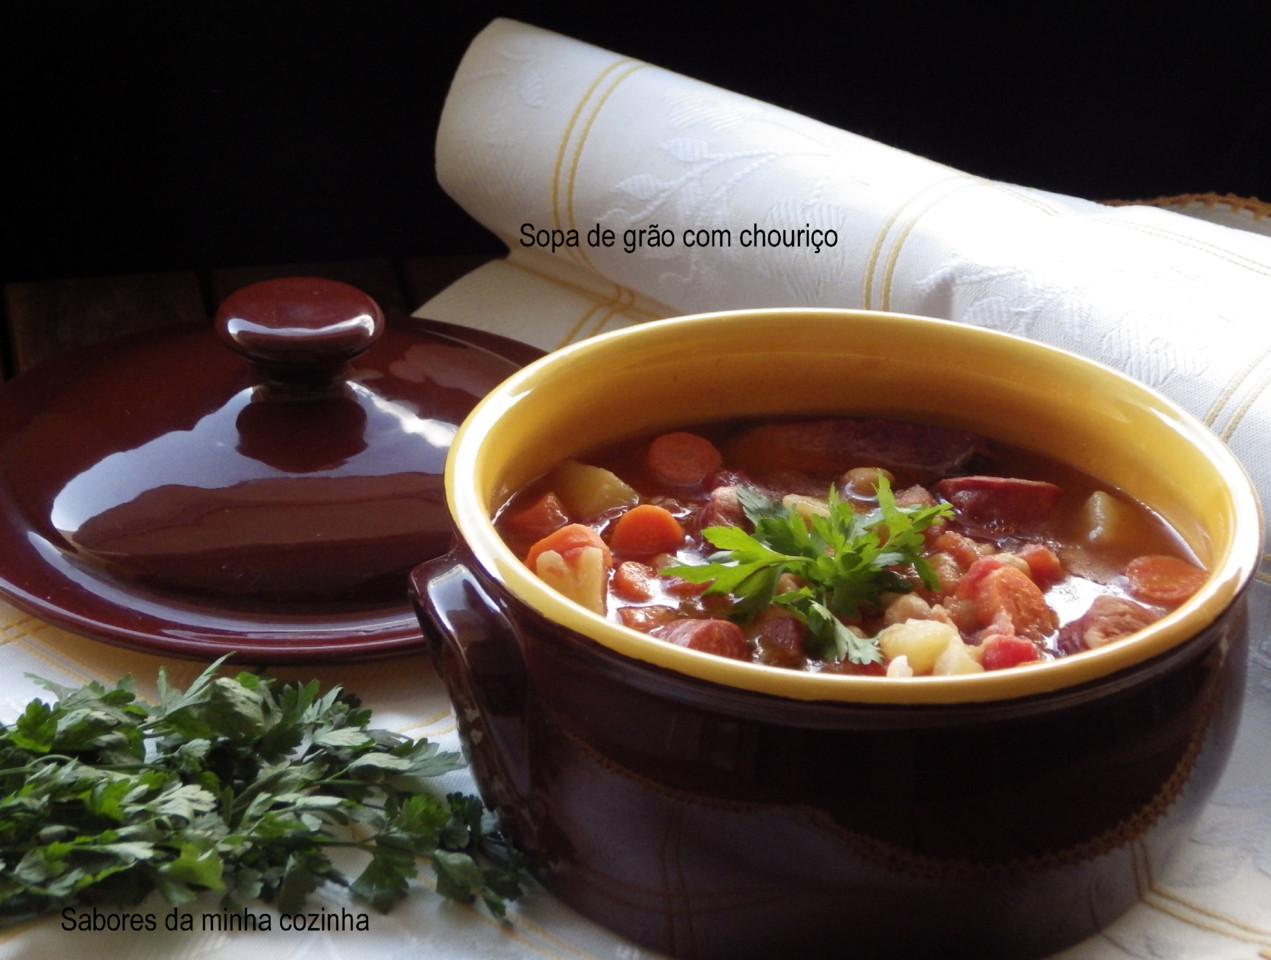 IMGP8369-Sopa de grão com chouriço-Sapo.JPG